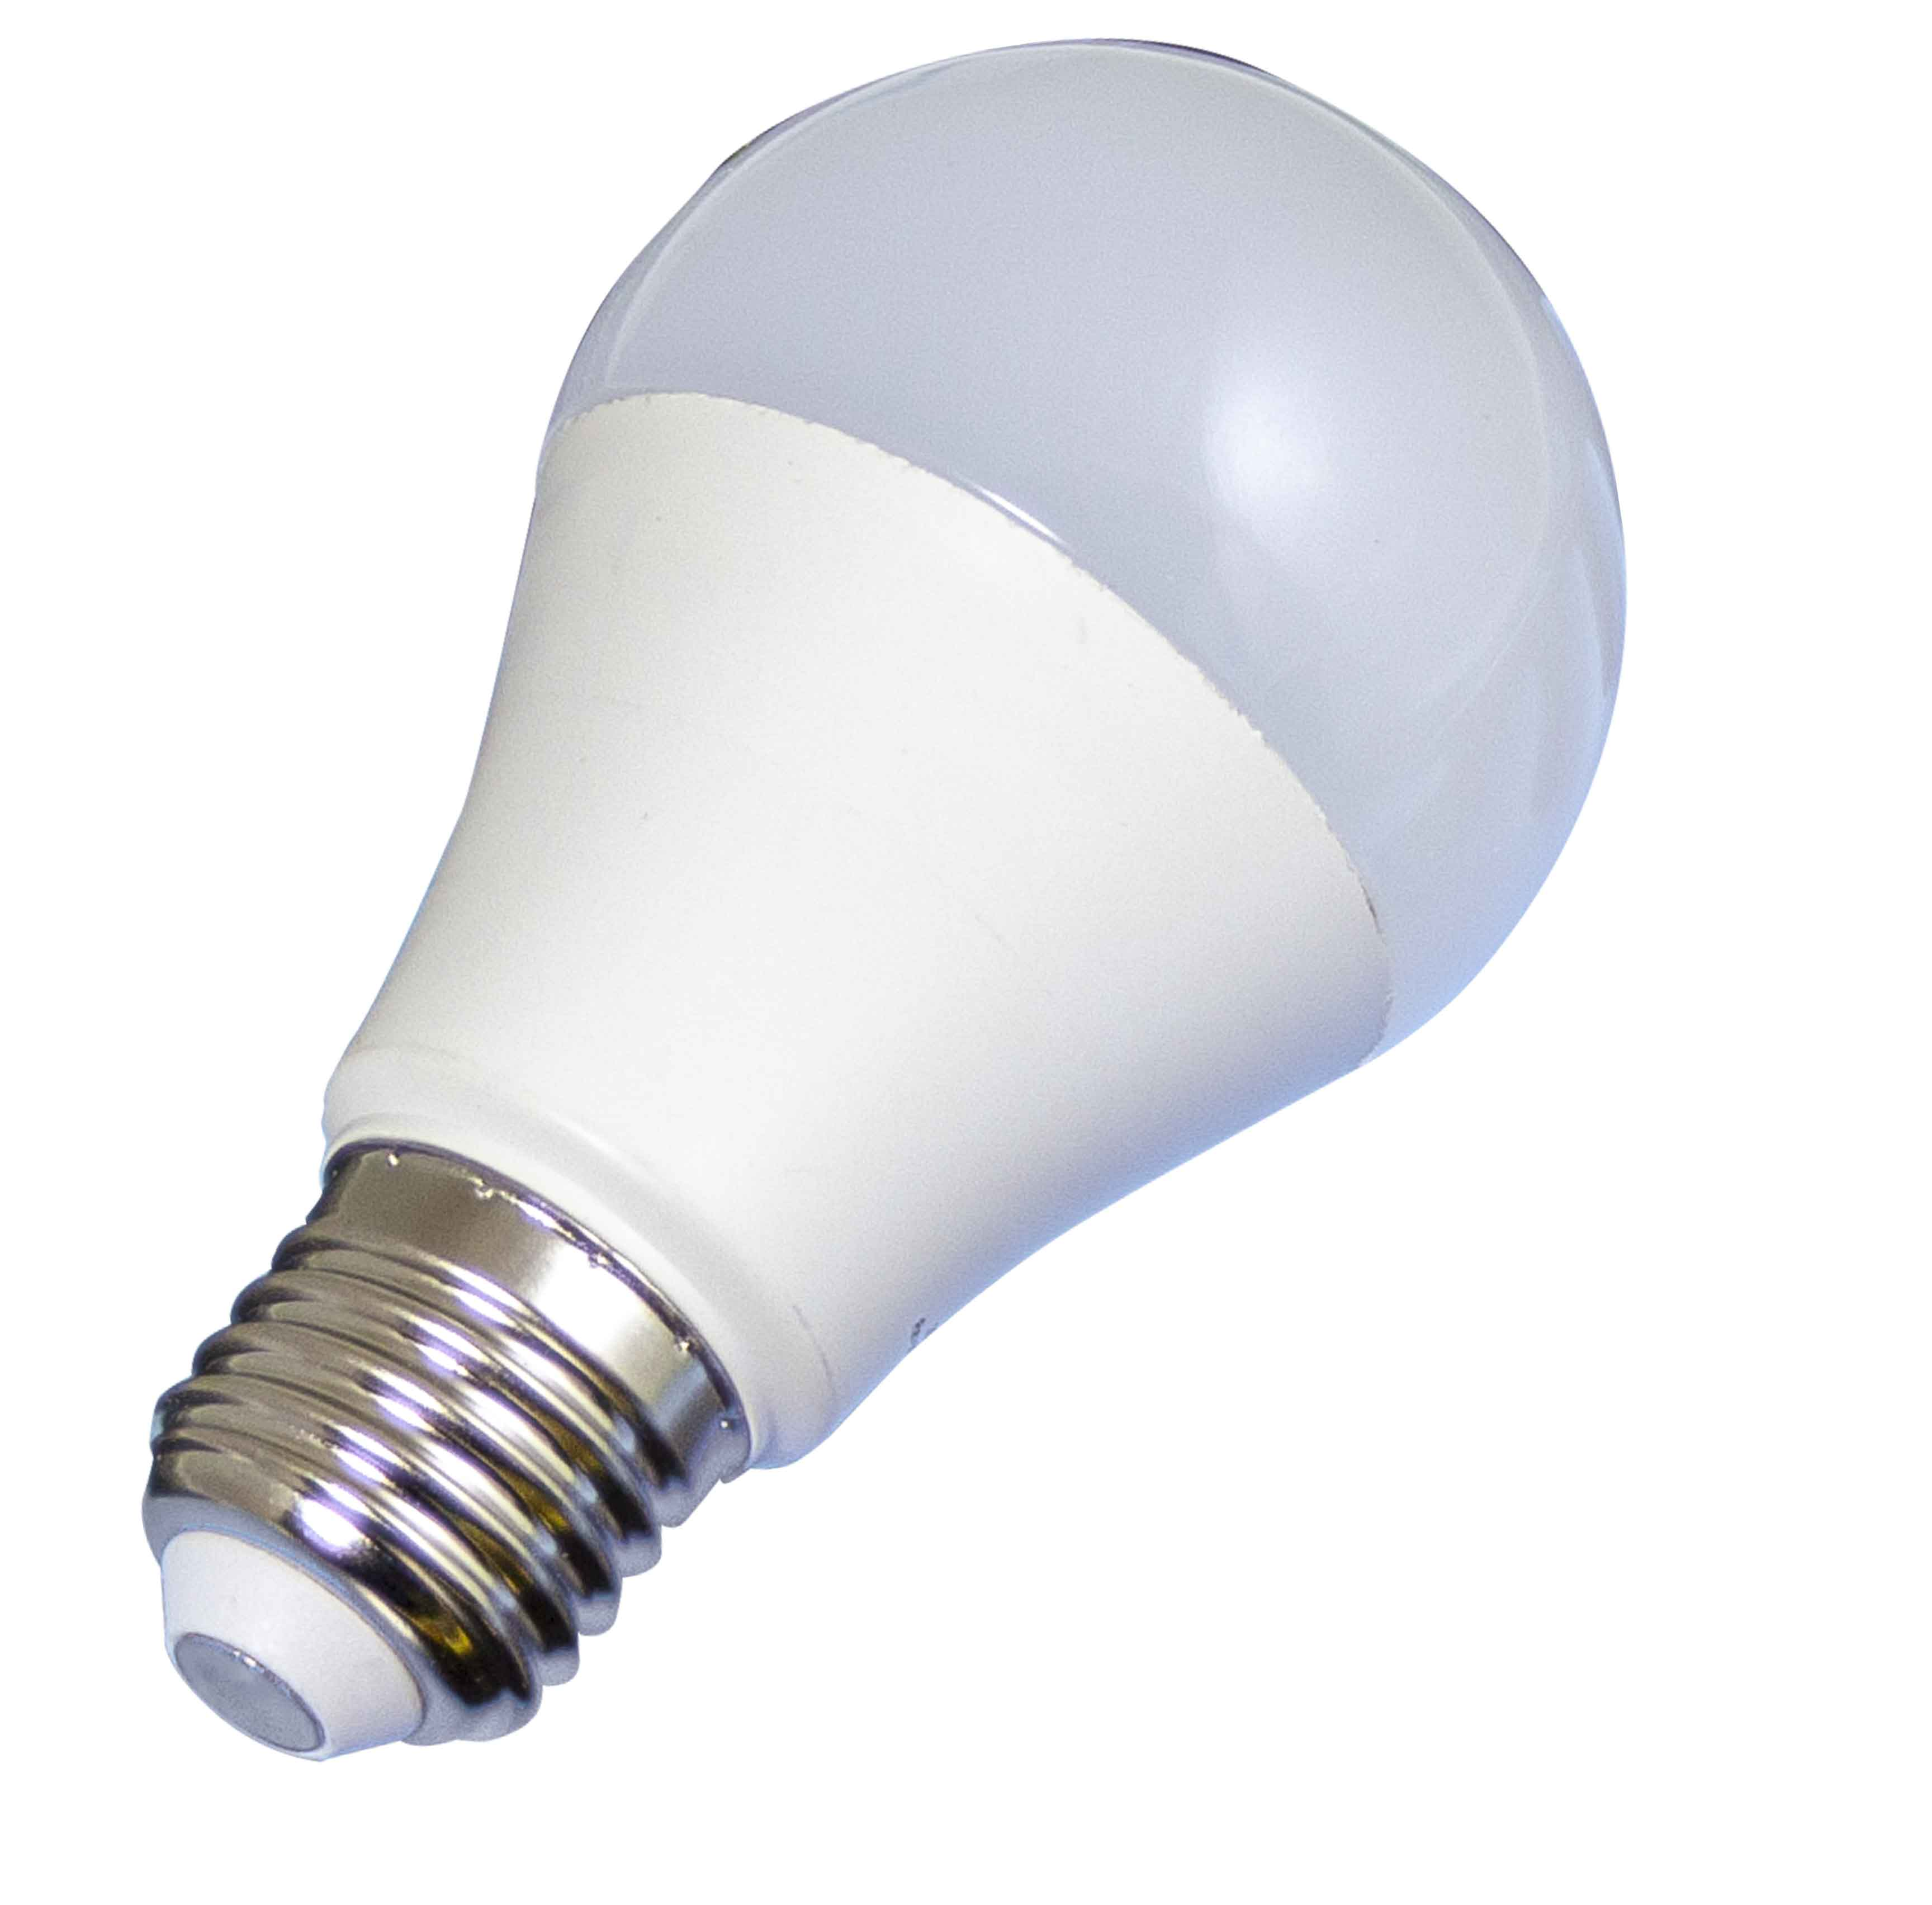 LAMPADA ALOGENA A RISPARMIO ENERGETICO